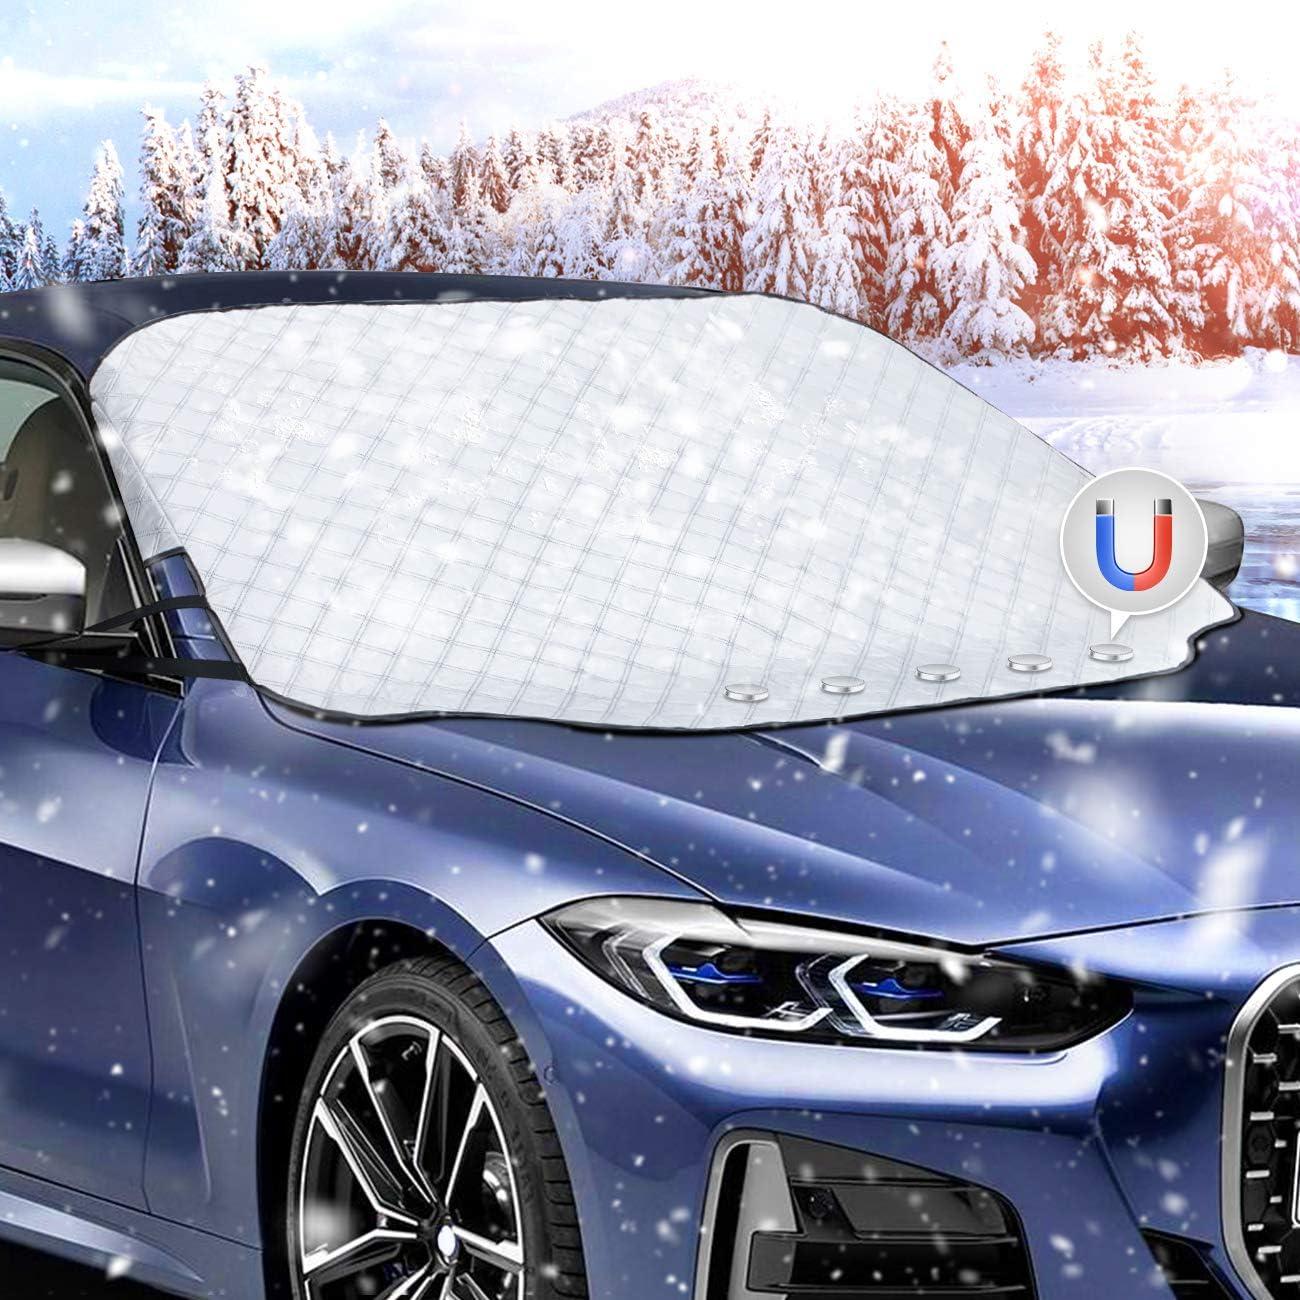 Favoto Auto Sonnenschutz Frontscheibe Windschutzscheiben Abdeckung Magnetische Faltbare Autoscheibenabdeckung Eisschutz Frontscheibenabdeckung Uv Schutz Für Sommer Staub Schnee 147x116cm Auto